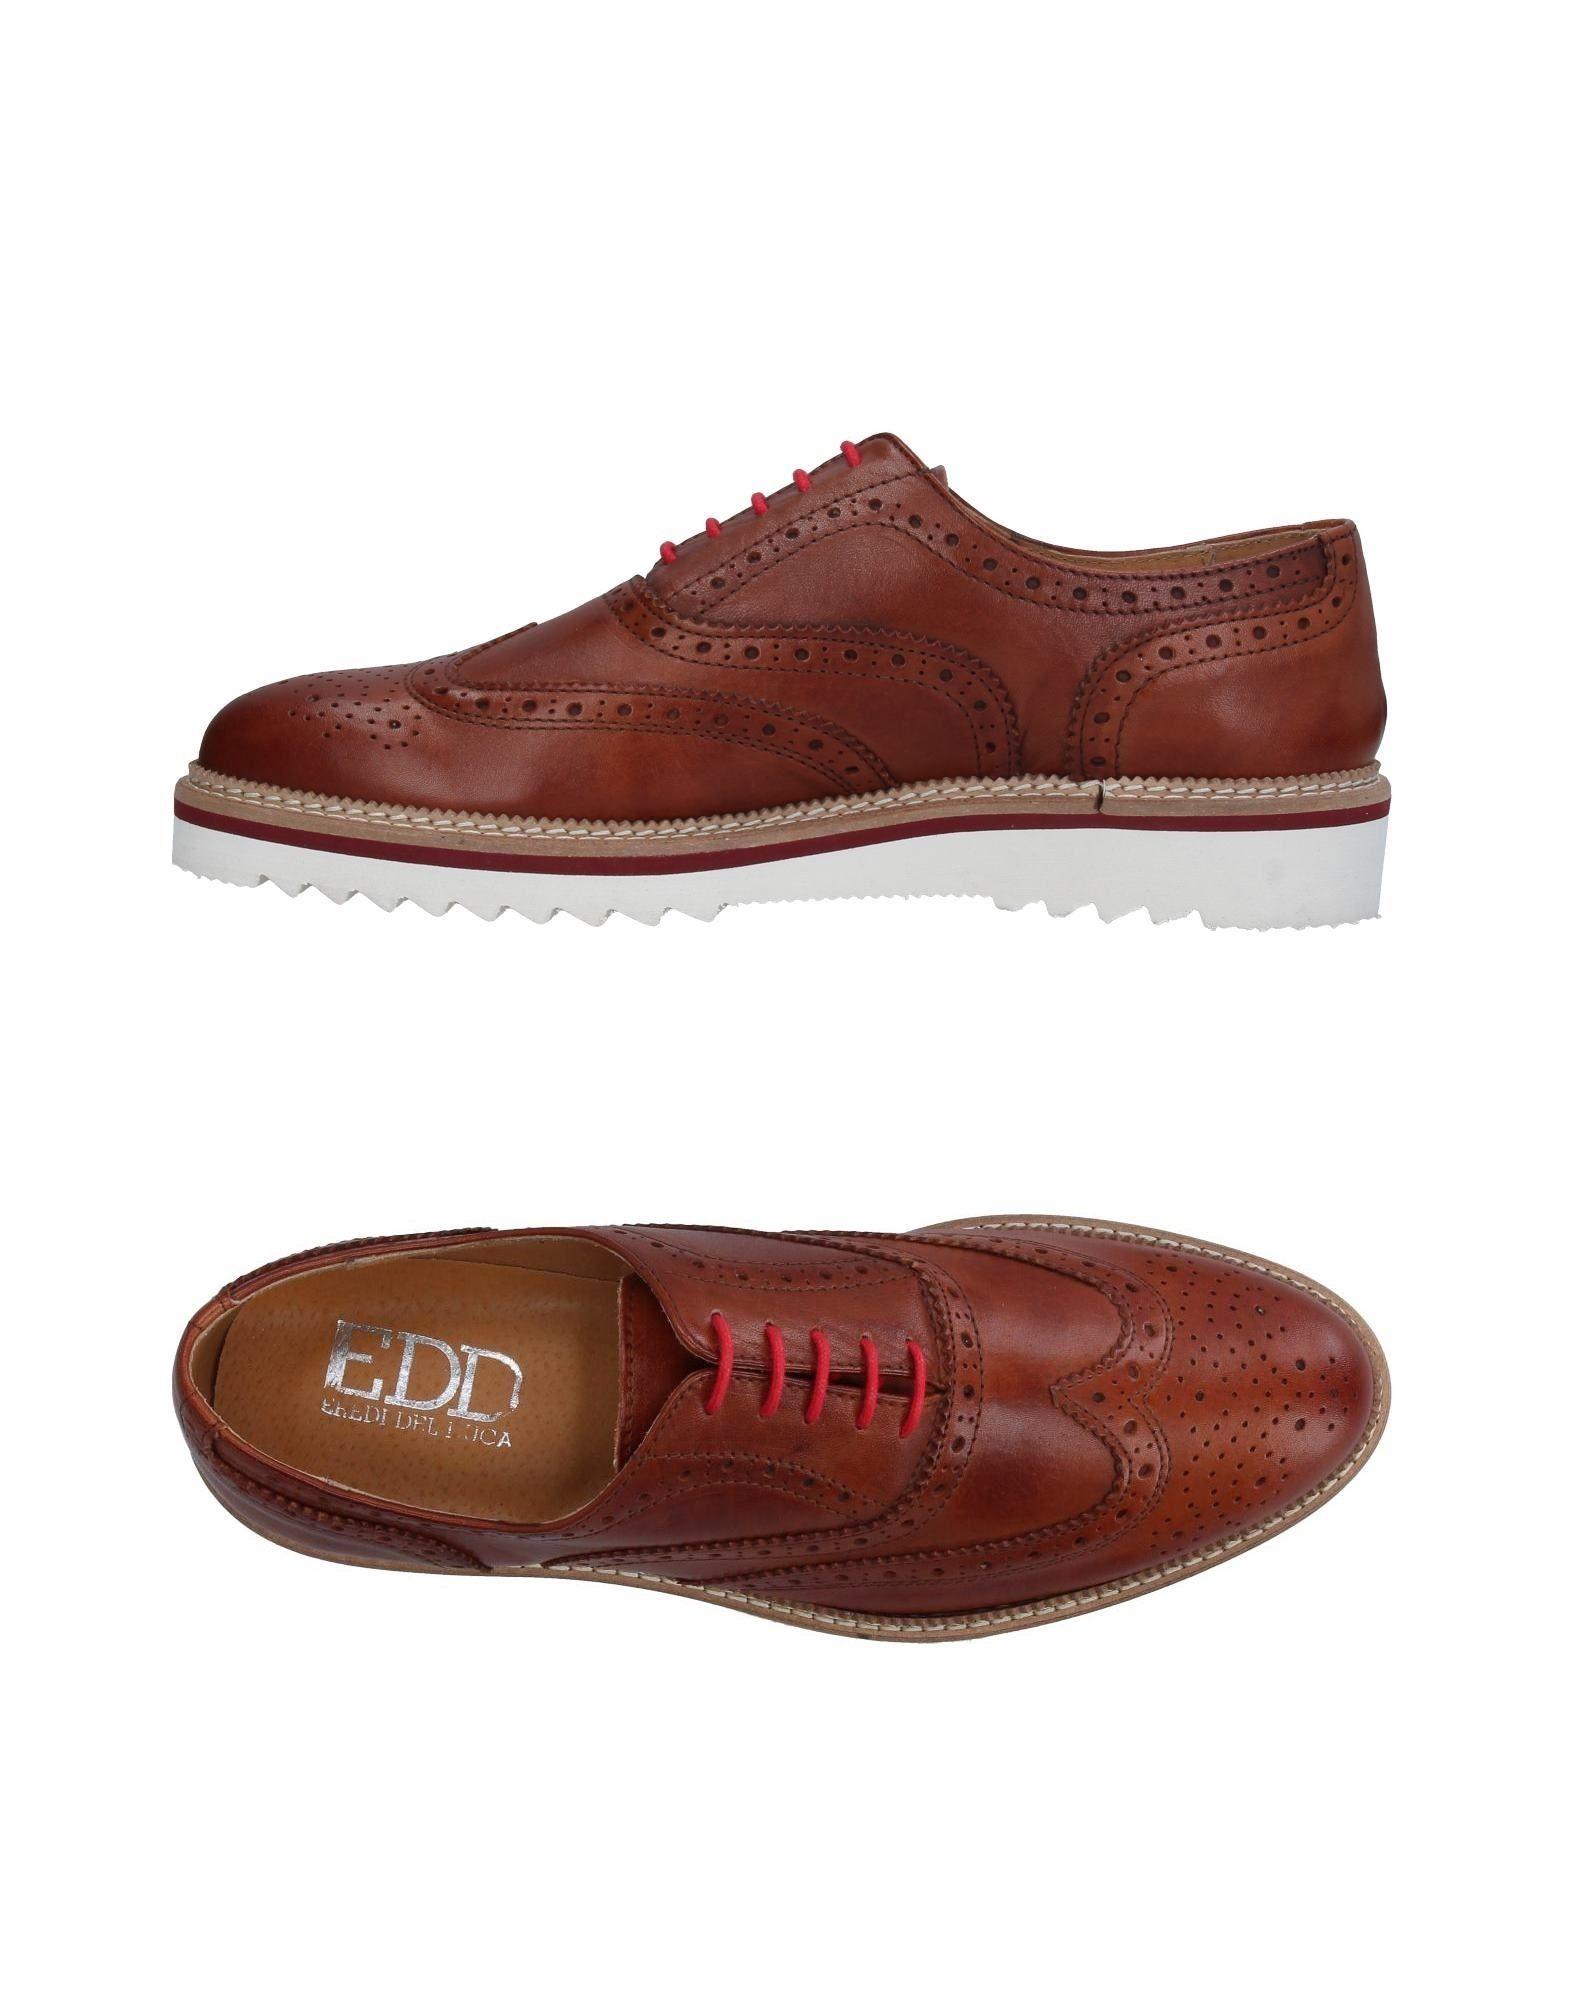 Rabatt echte Schuhe Eredi Del Duca Schnürschuhe Herren  11329275VH